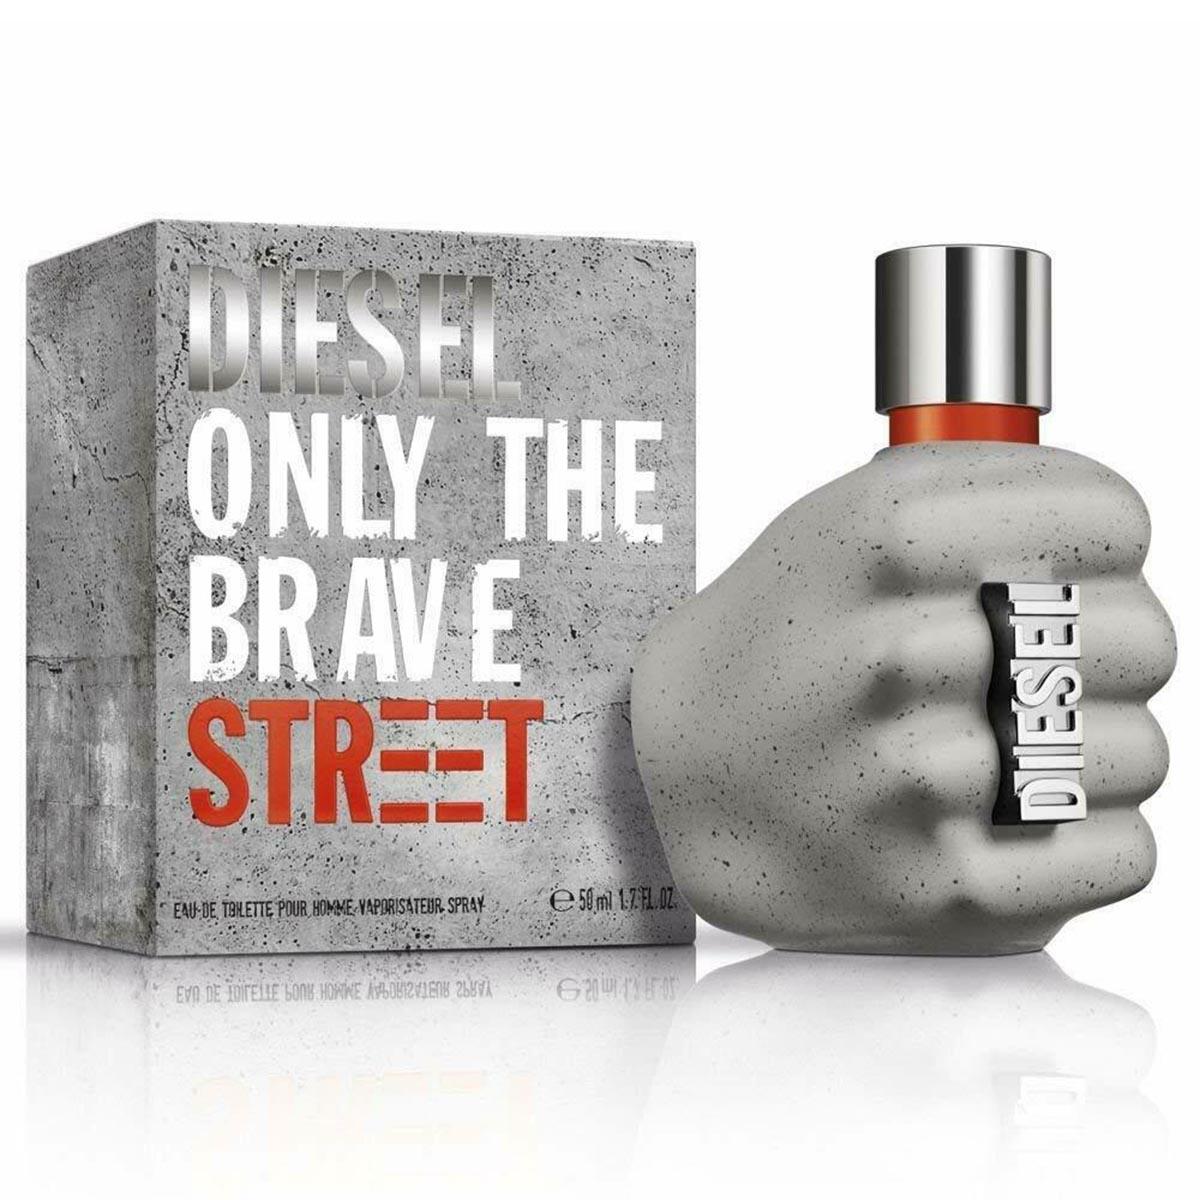 Diesel only the brave street eau de toilette pour homme 50ml vaporizador